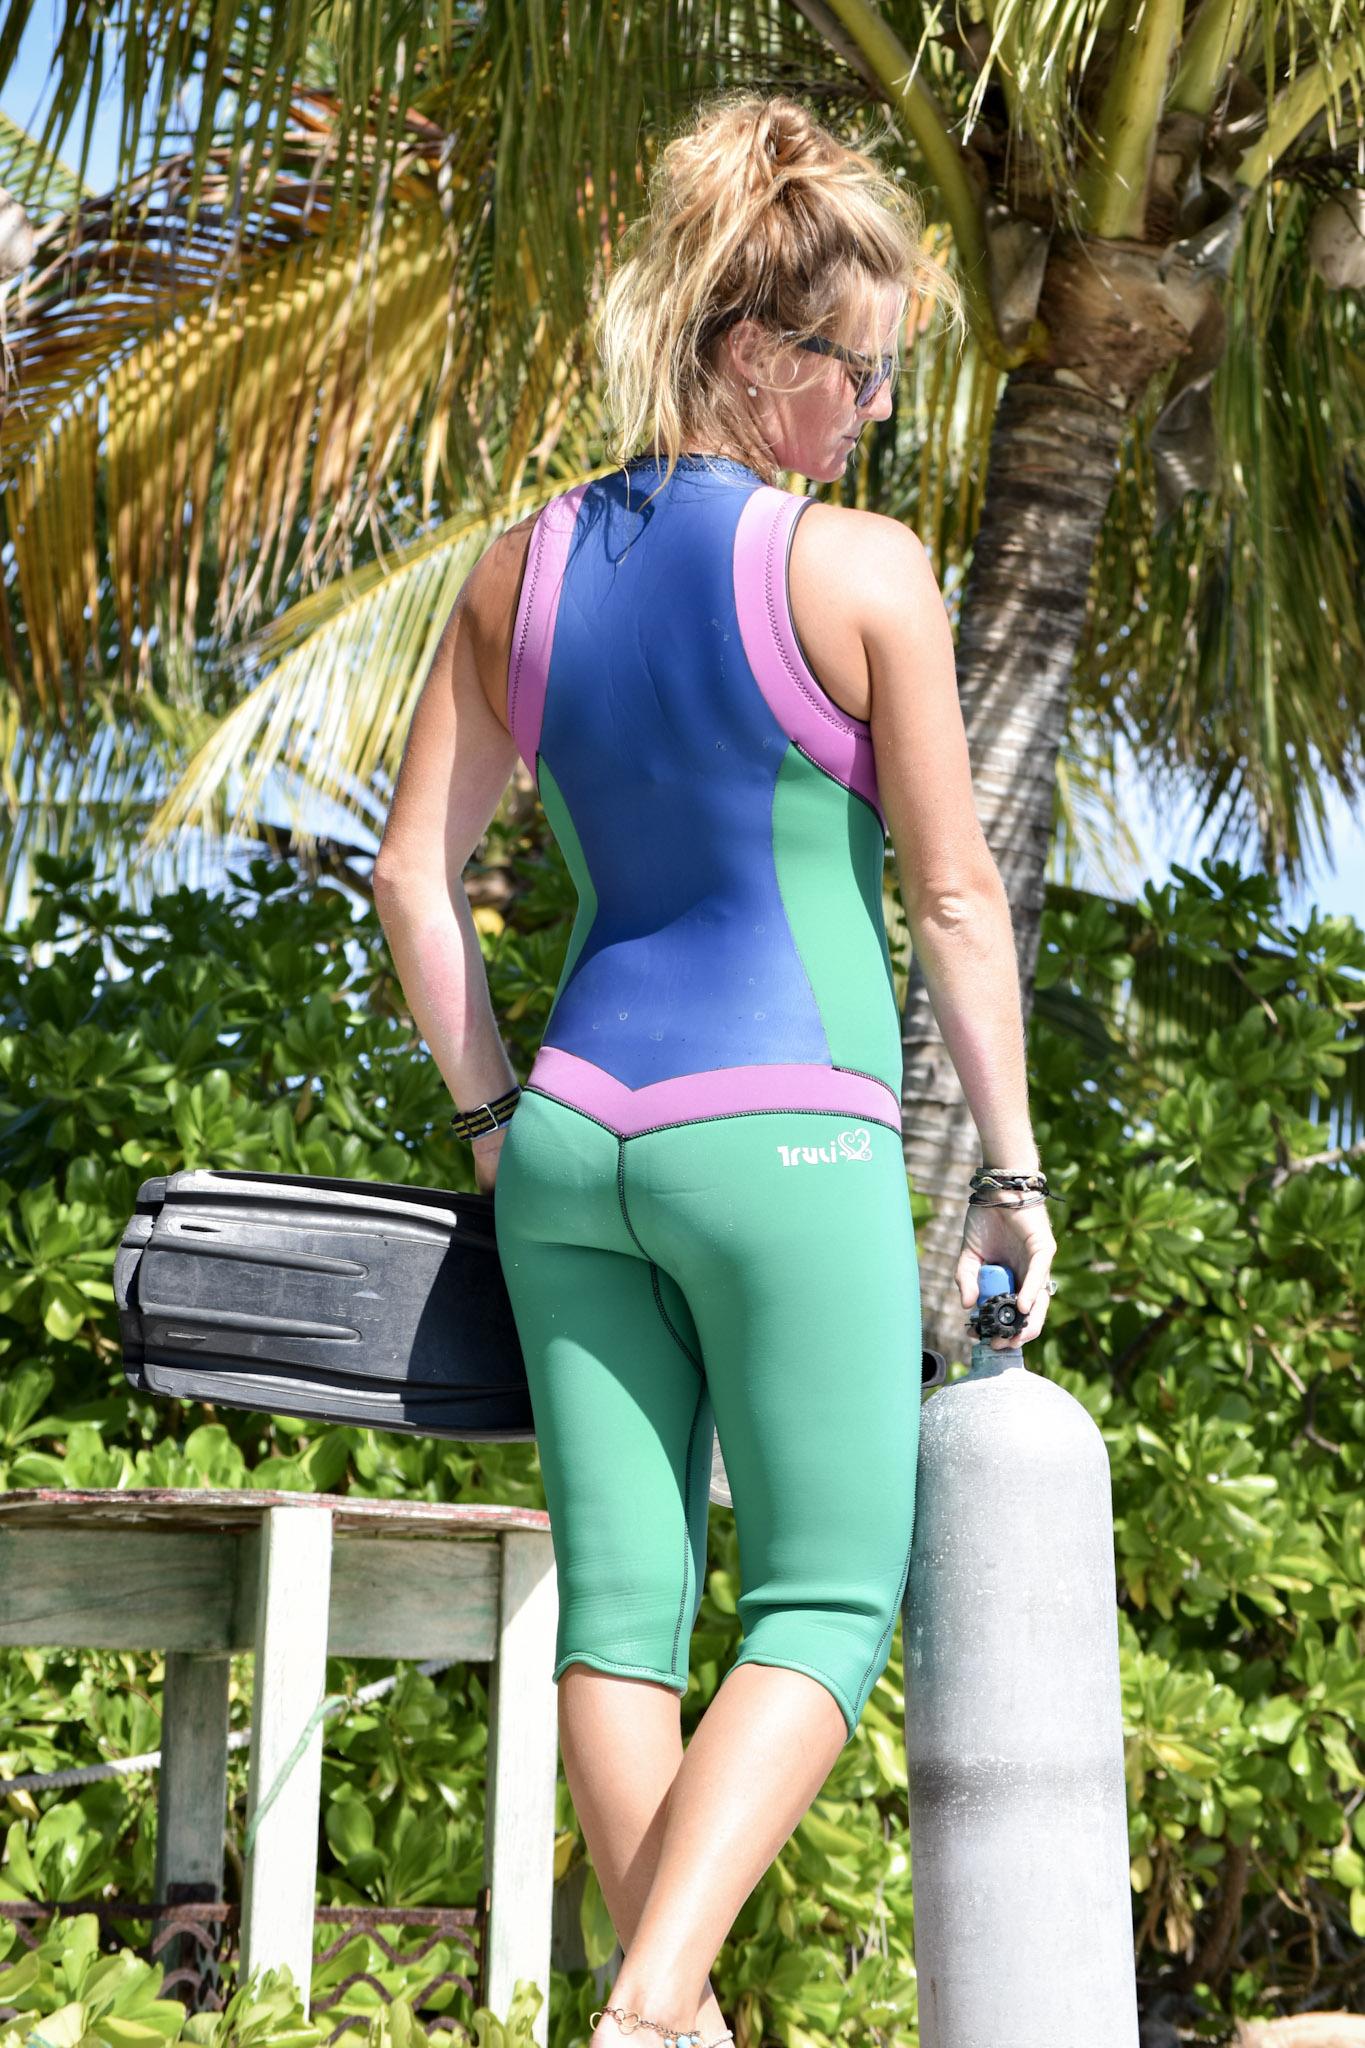 Womens Wetsuit BackTruliCapri CescaPeirce JackieWalker TruliWetsuits.  DSC 0735.  Womens Wetsuit BackTruliCapri CescaPeirce JackieWalker TruliWetsuits 8a7ecadd2